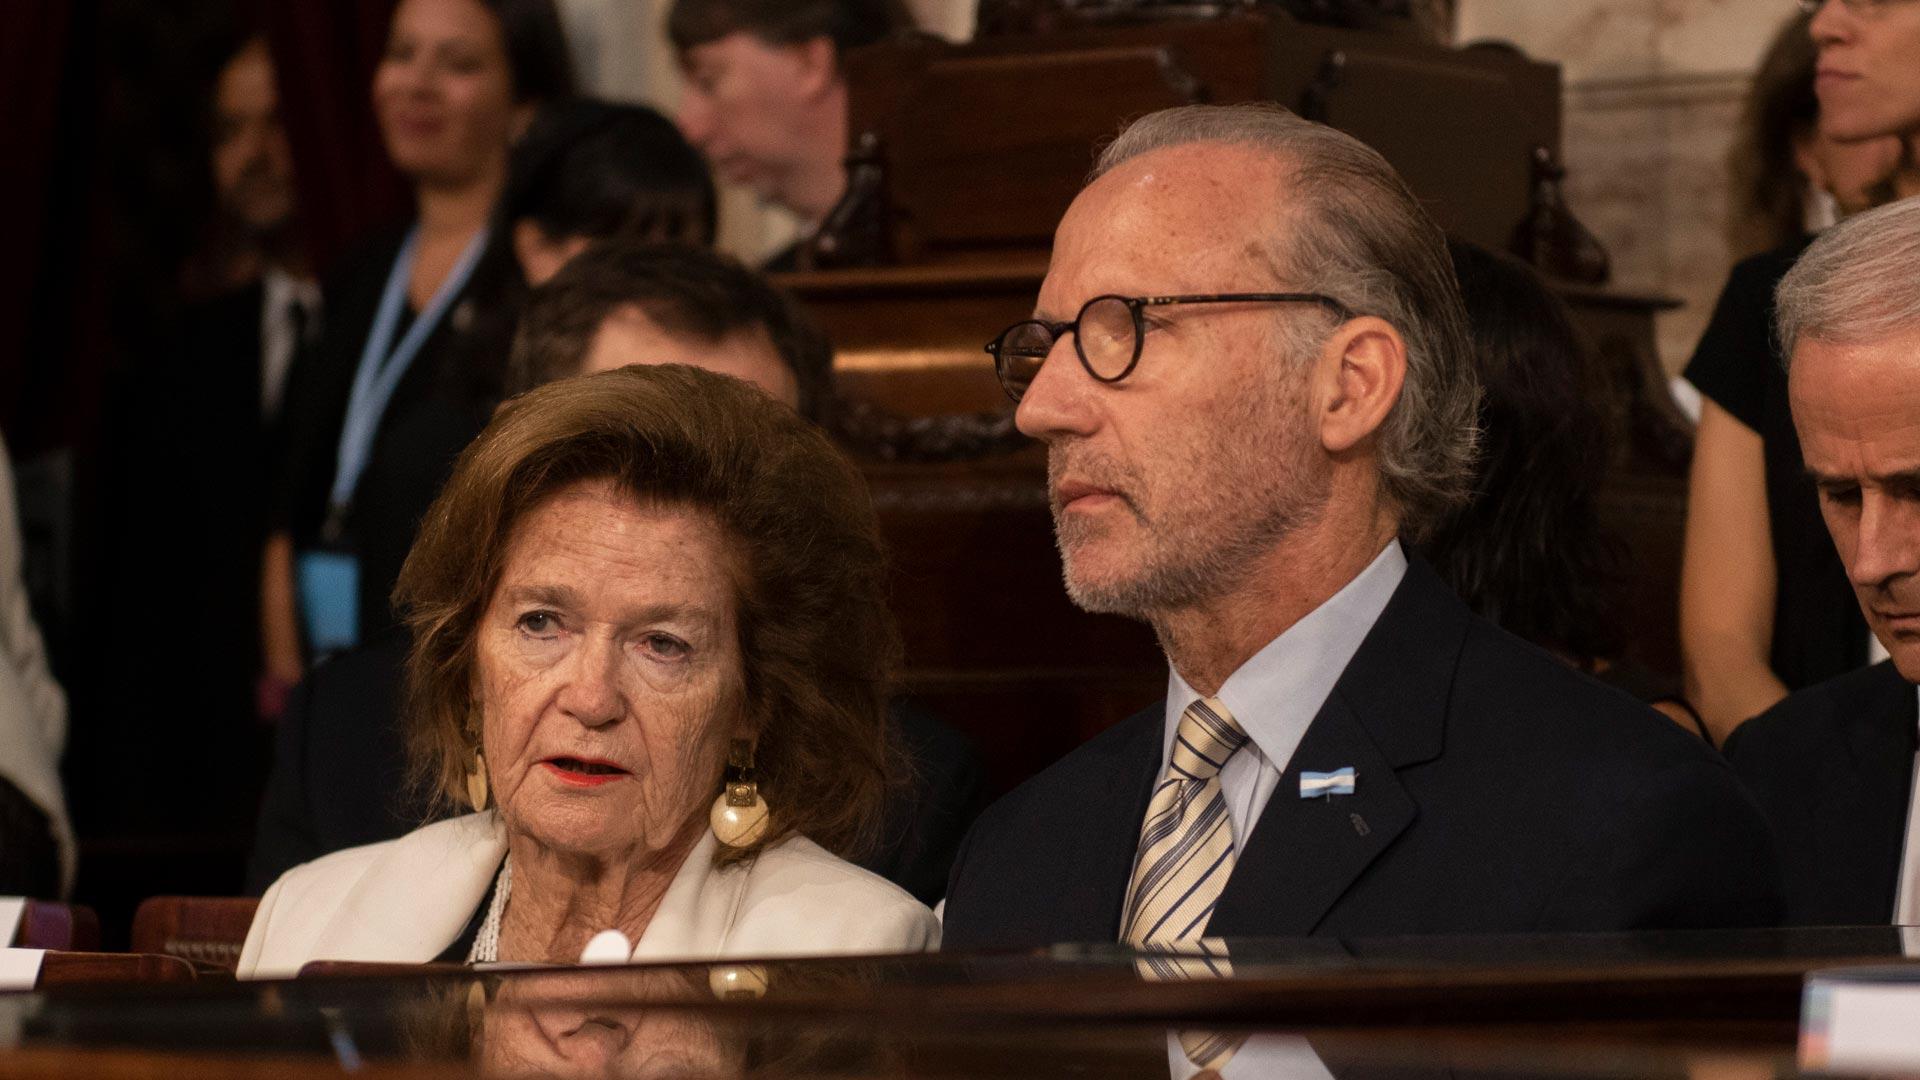 La jueza Elena Highton de Nolasco y Carlos Rosenkrantz, el presidente de la Corte Suprema de Justicia